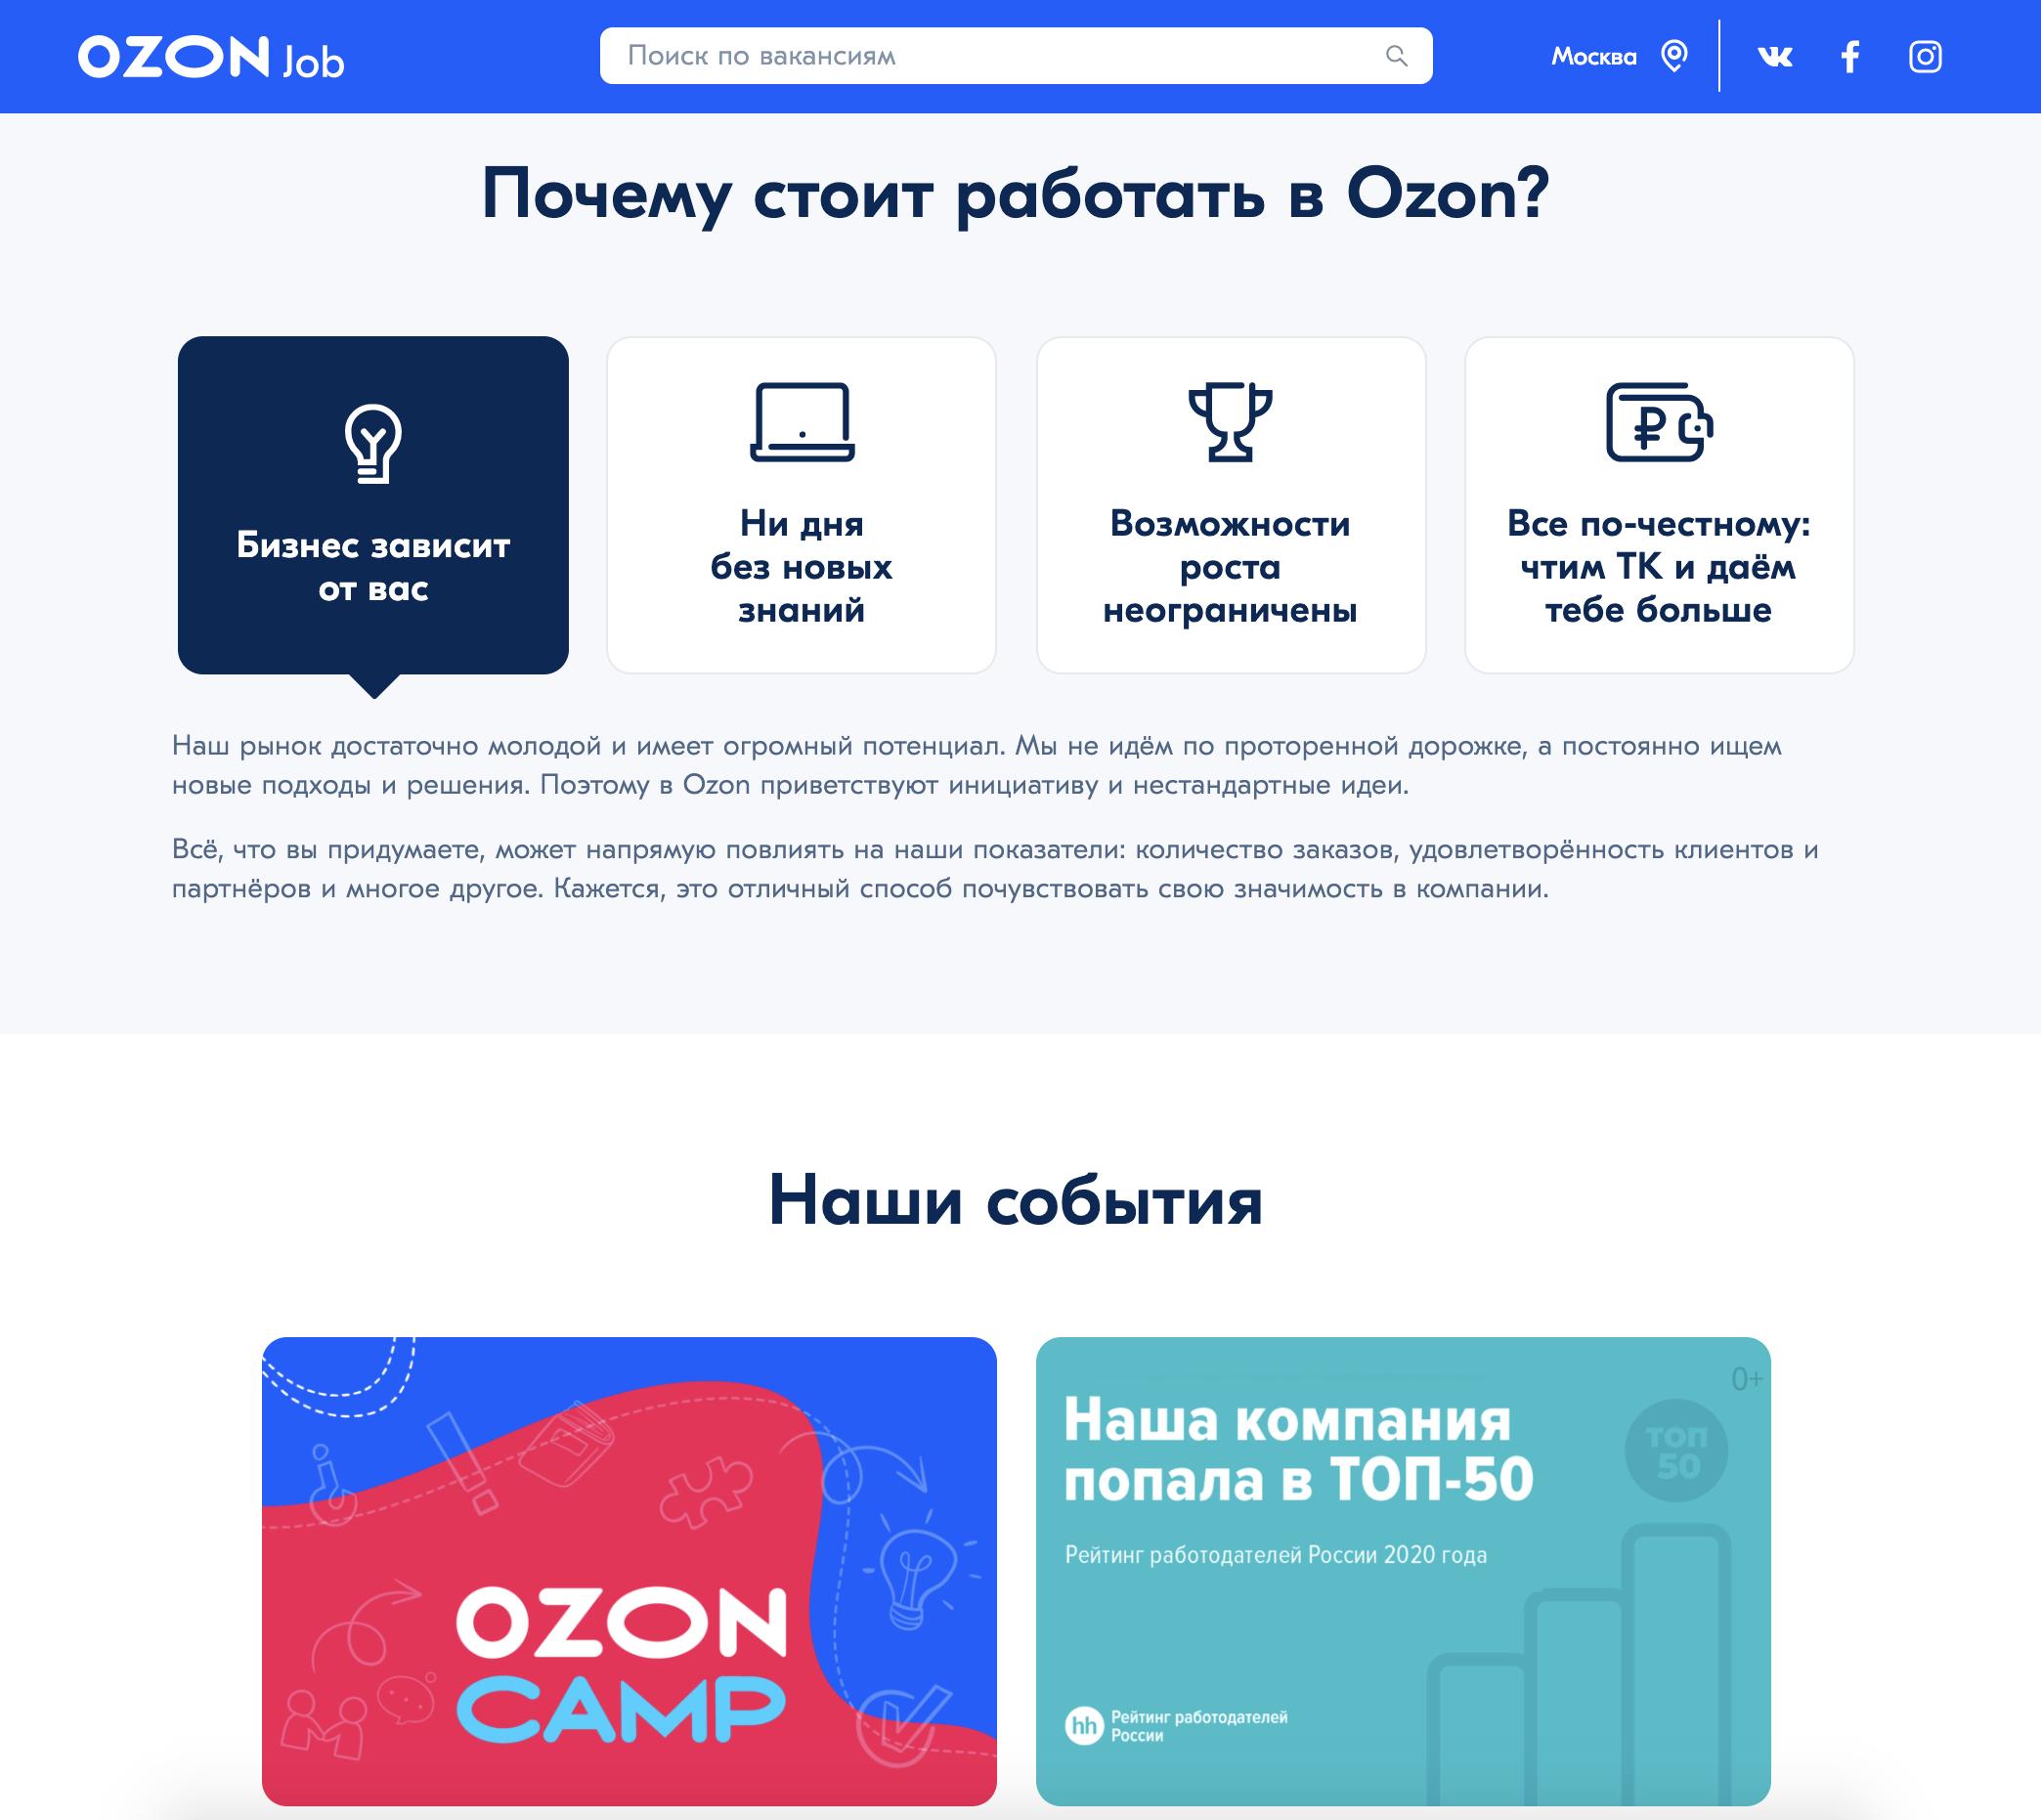 Как устроиться на работу в Ozon